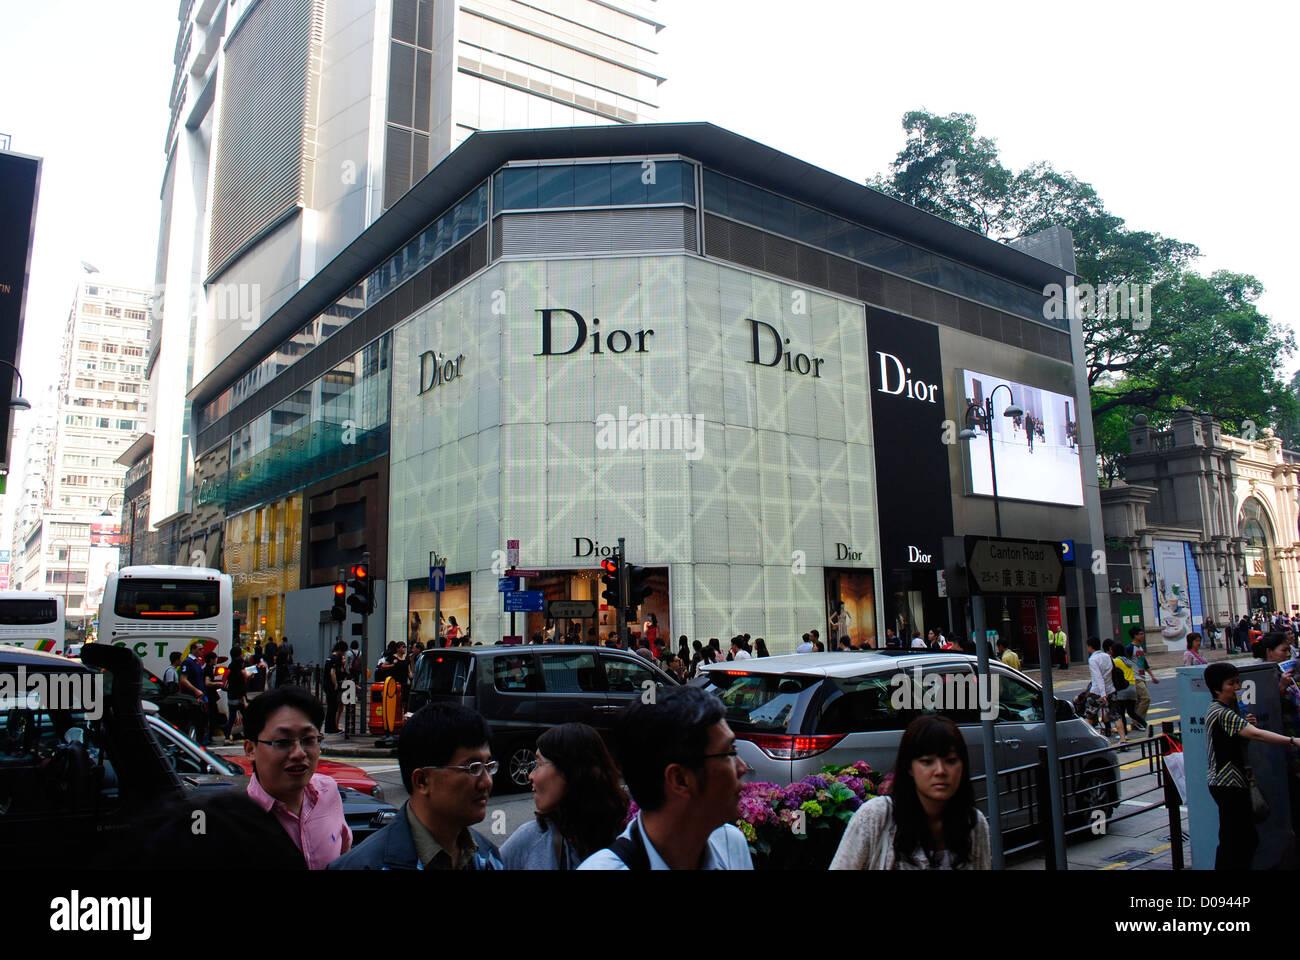 Dior showroom at Hongkong - Stock Image